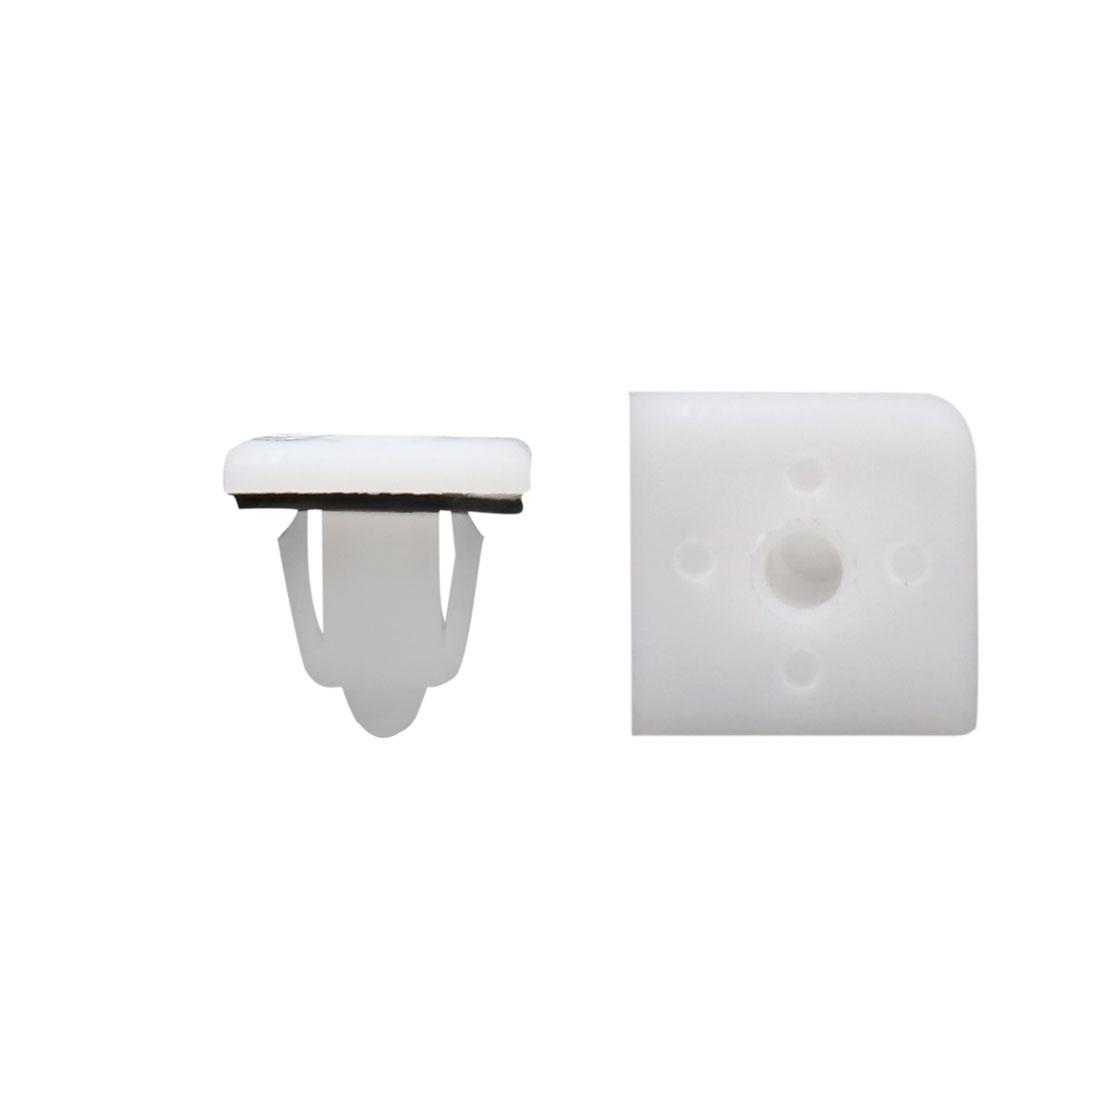 100 Pcs White Interior Trim Panel Car Door Plastic Clips 11mm Hole Diameter